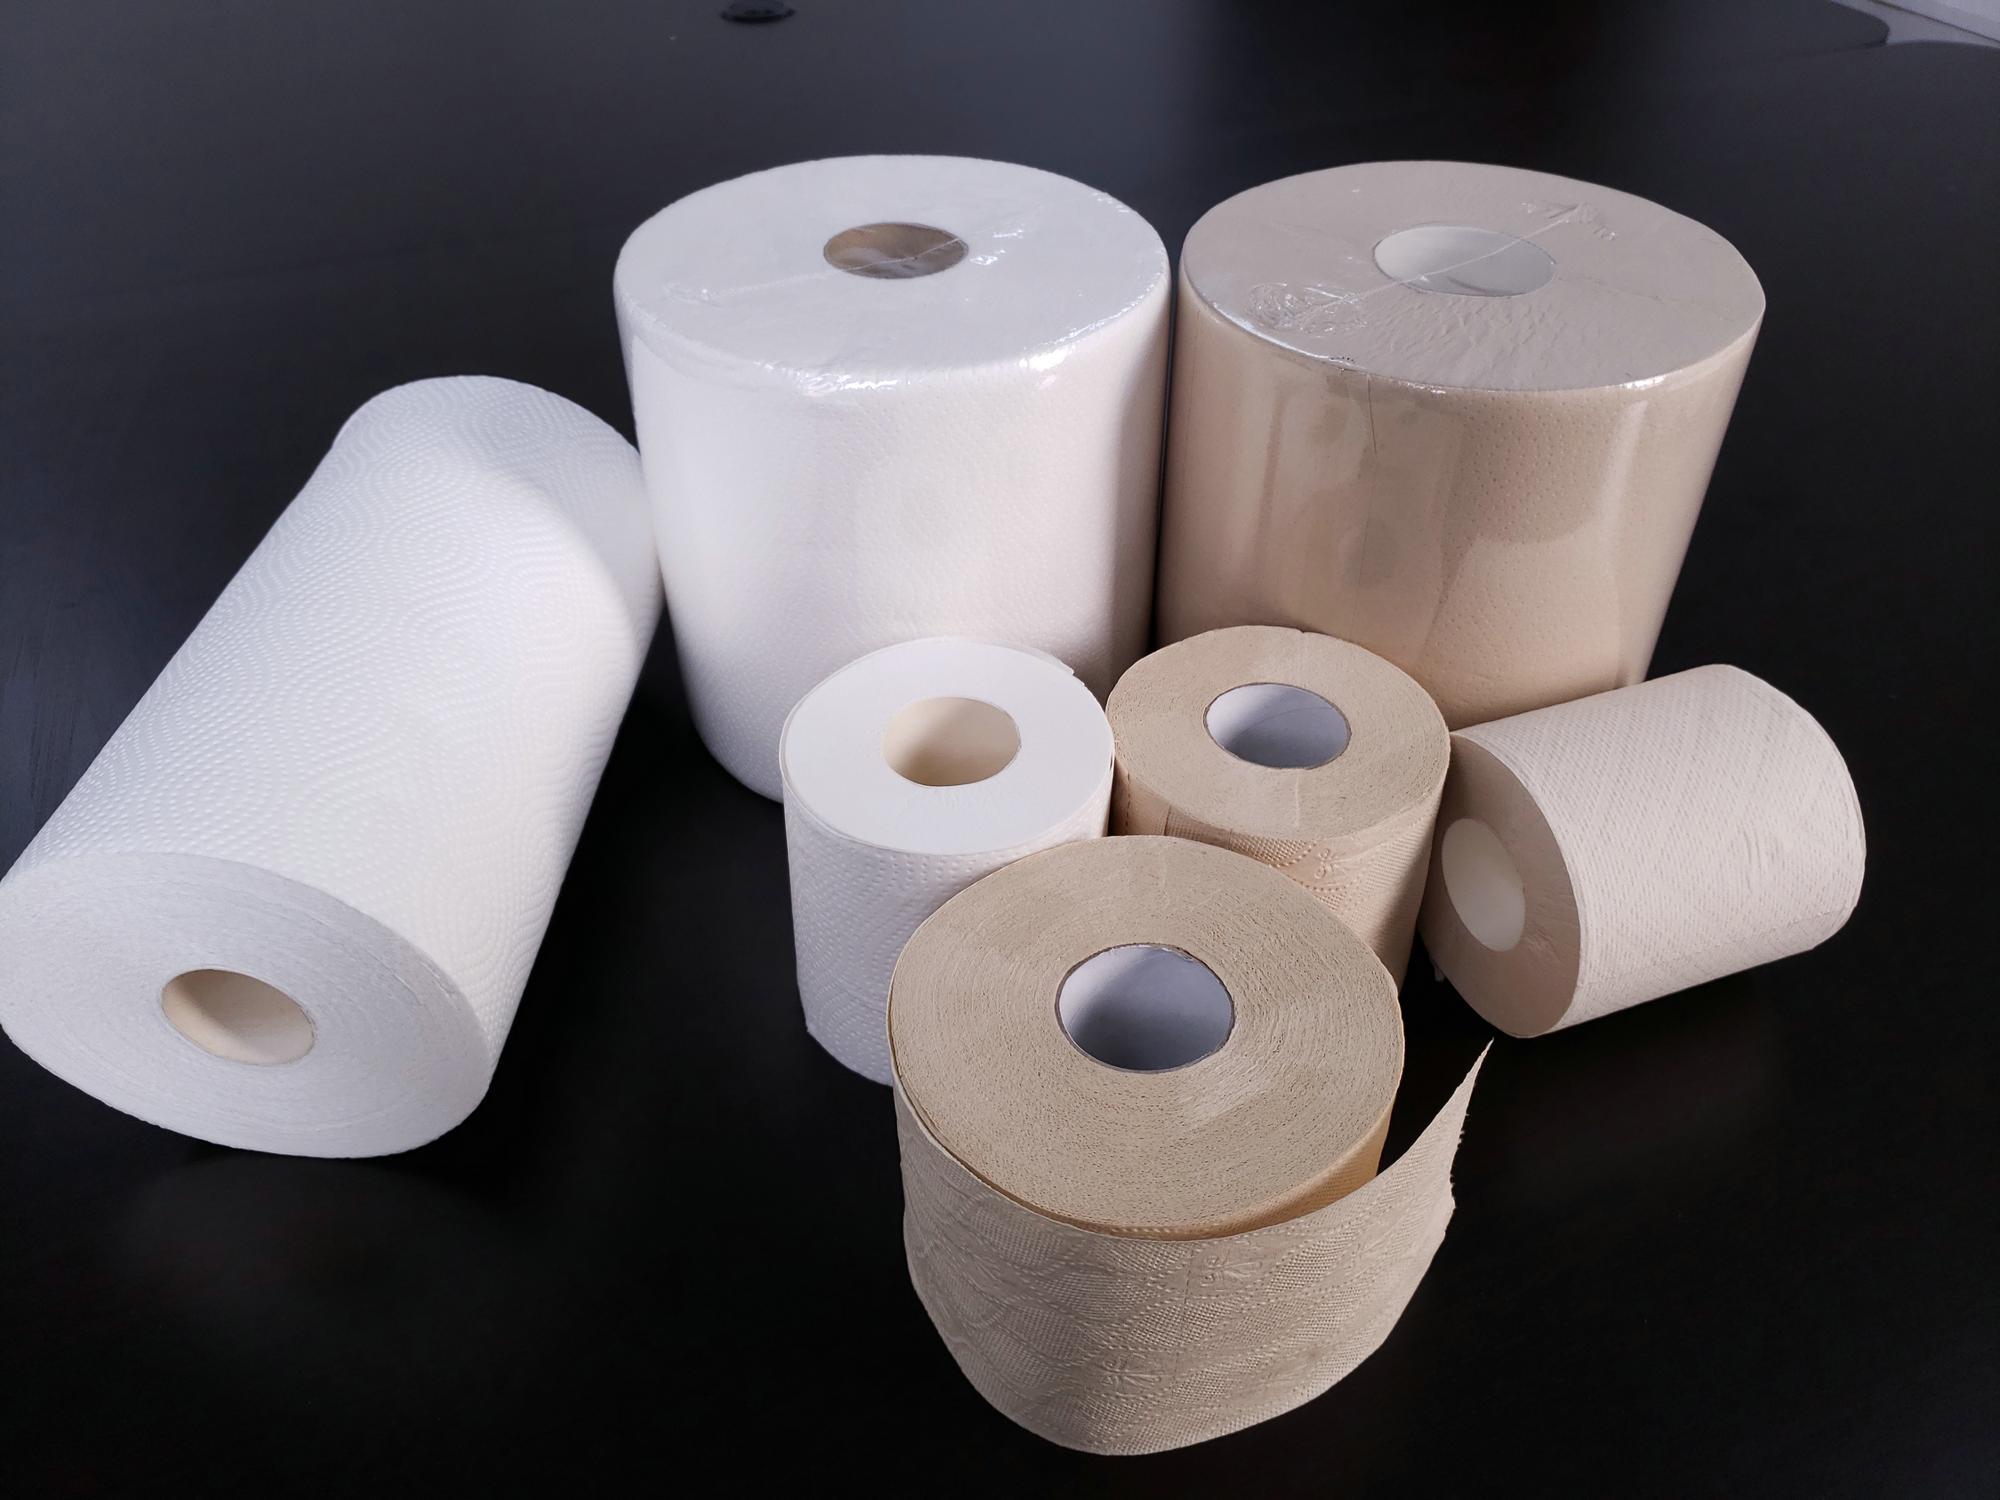 שרותים רקמות נייר 100% עץ עיסת & לערבב עיסת עץ